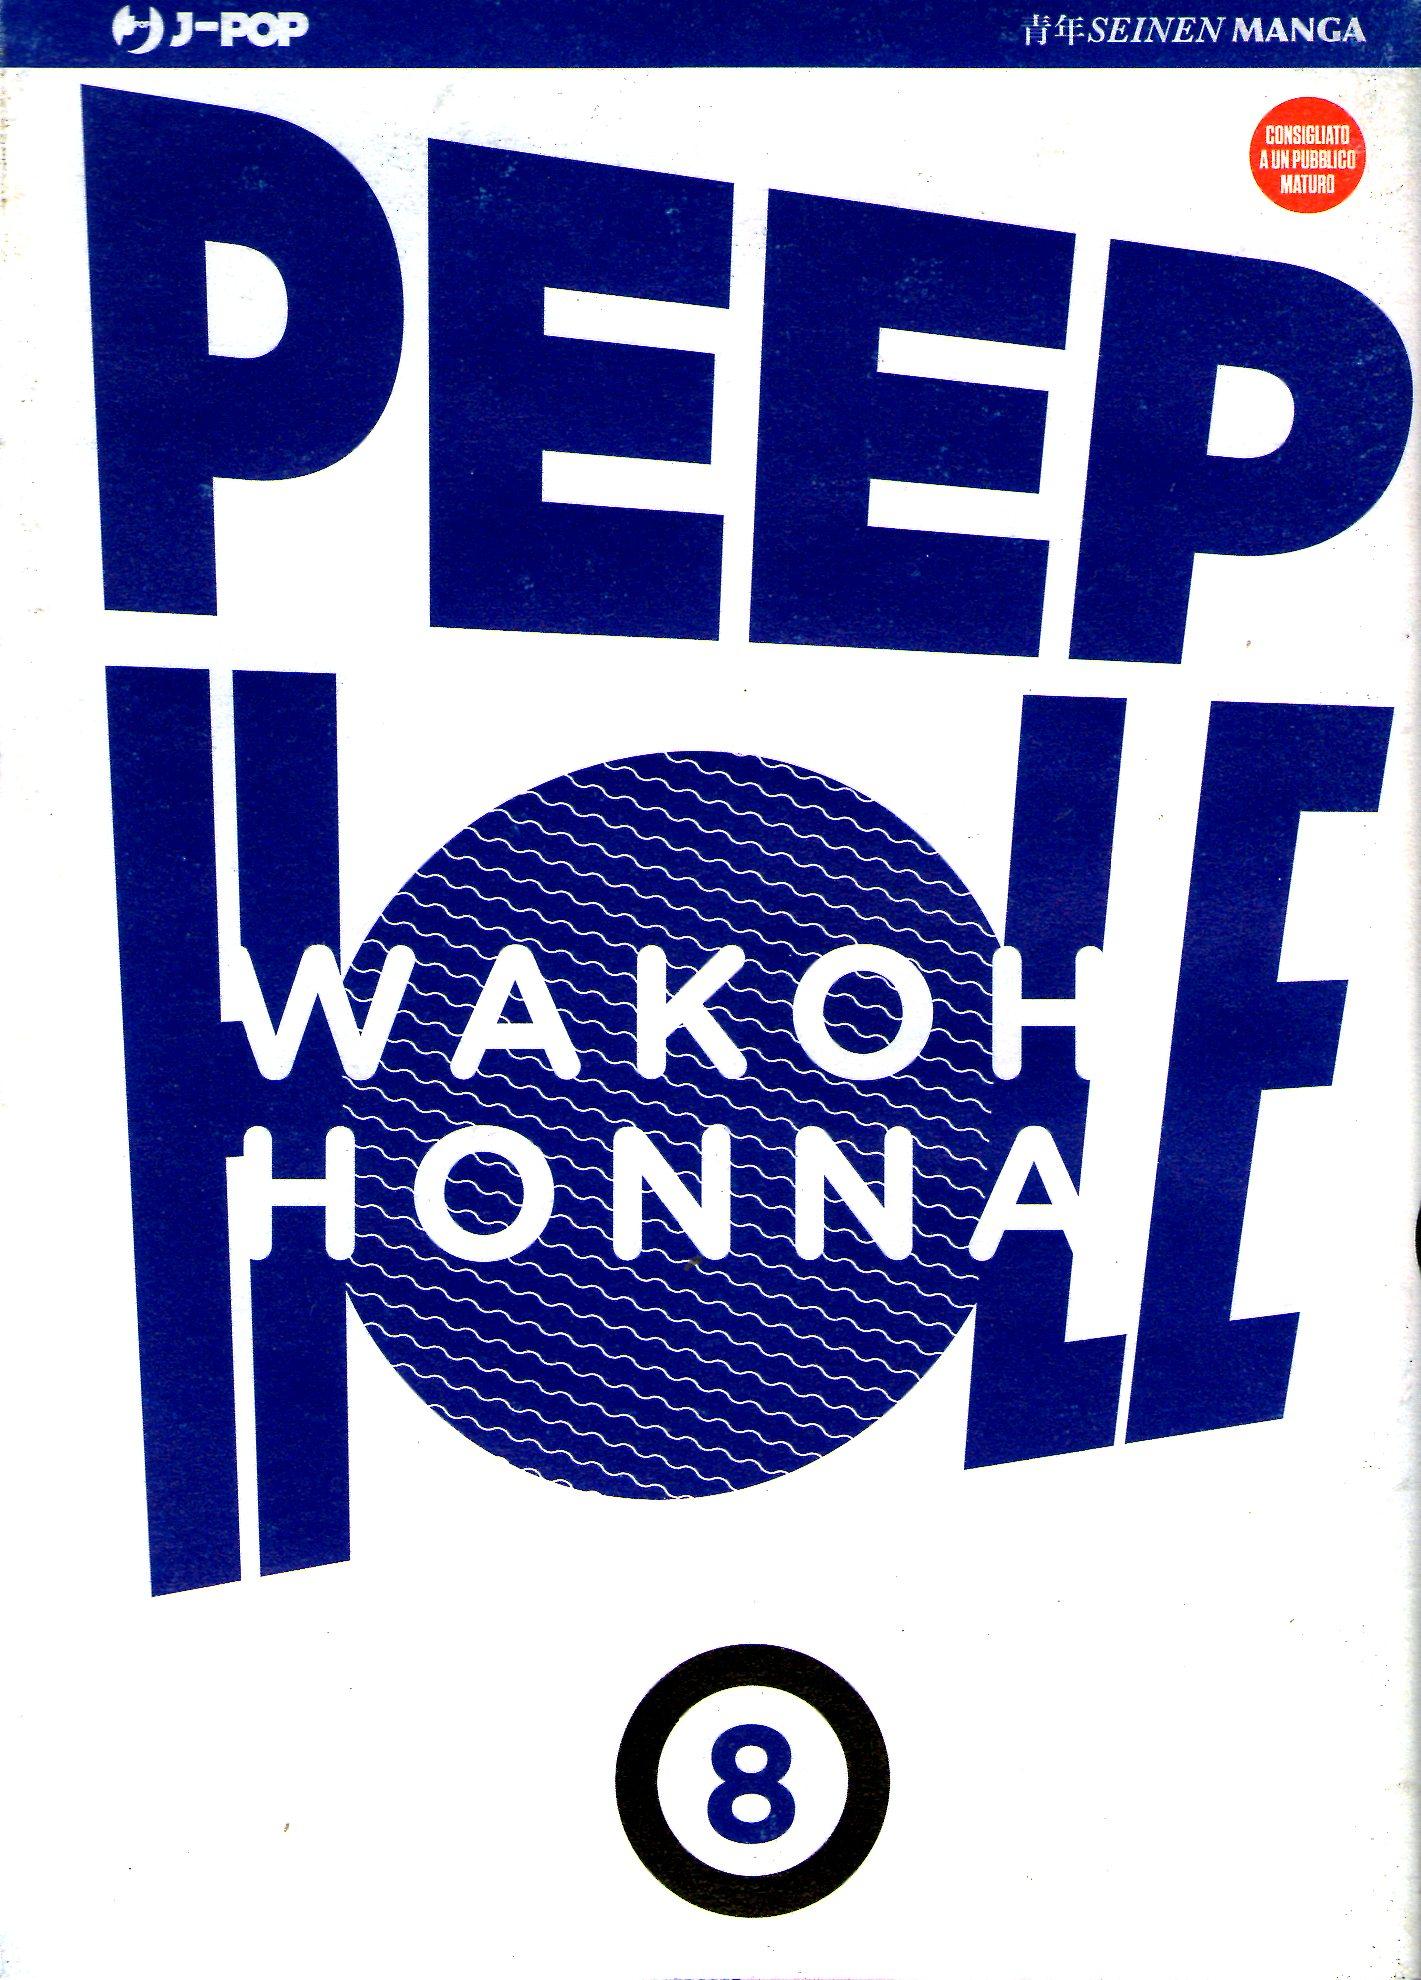 Peep hole, Vol. 8